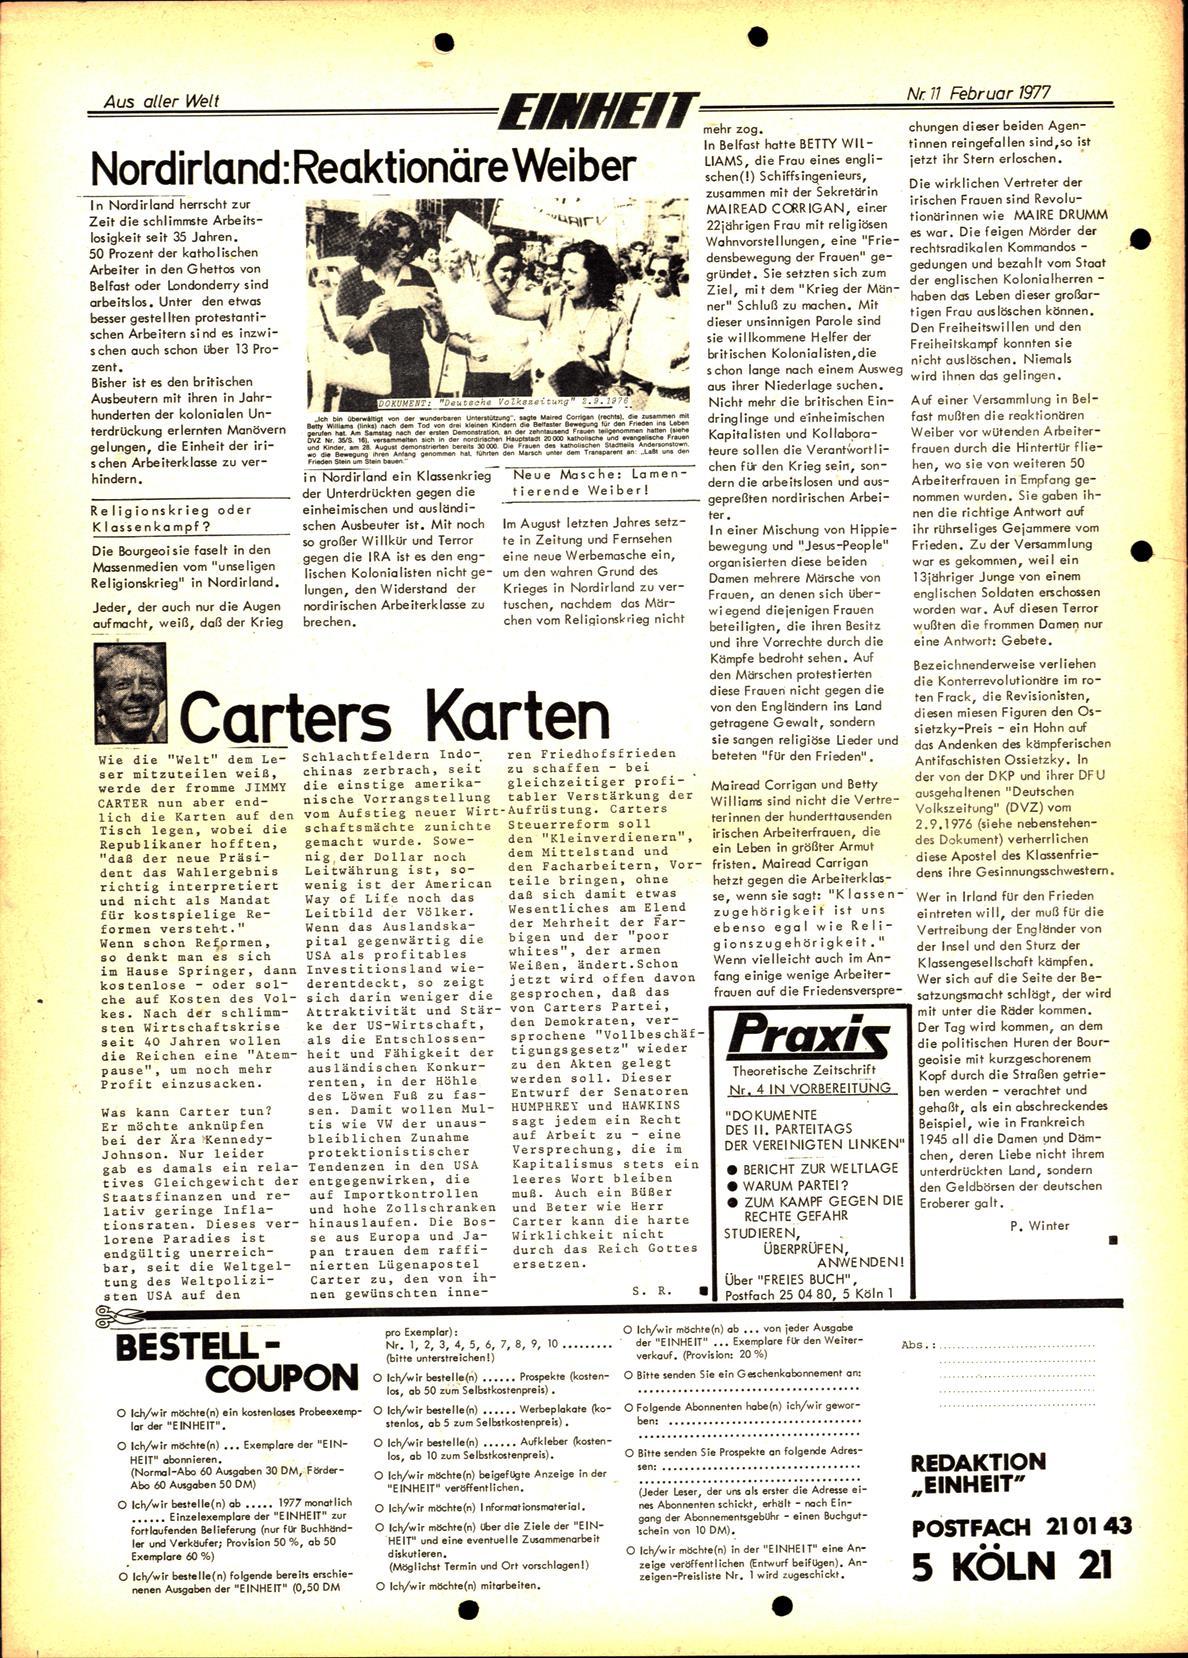 Koeln_IPdA_Einheit_1977_011_020